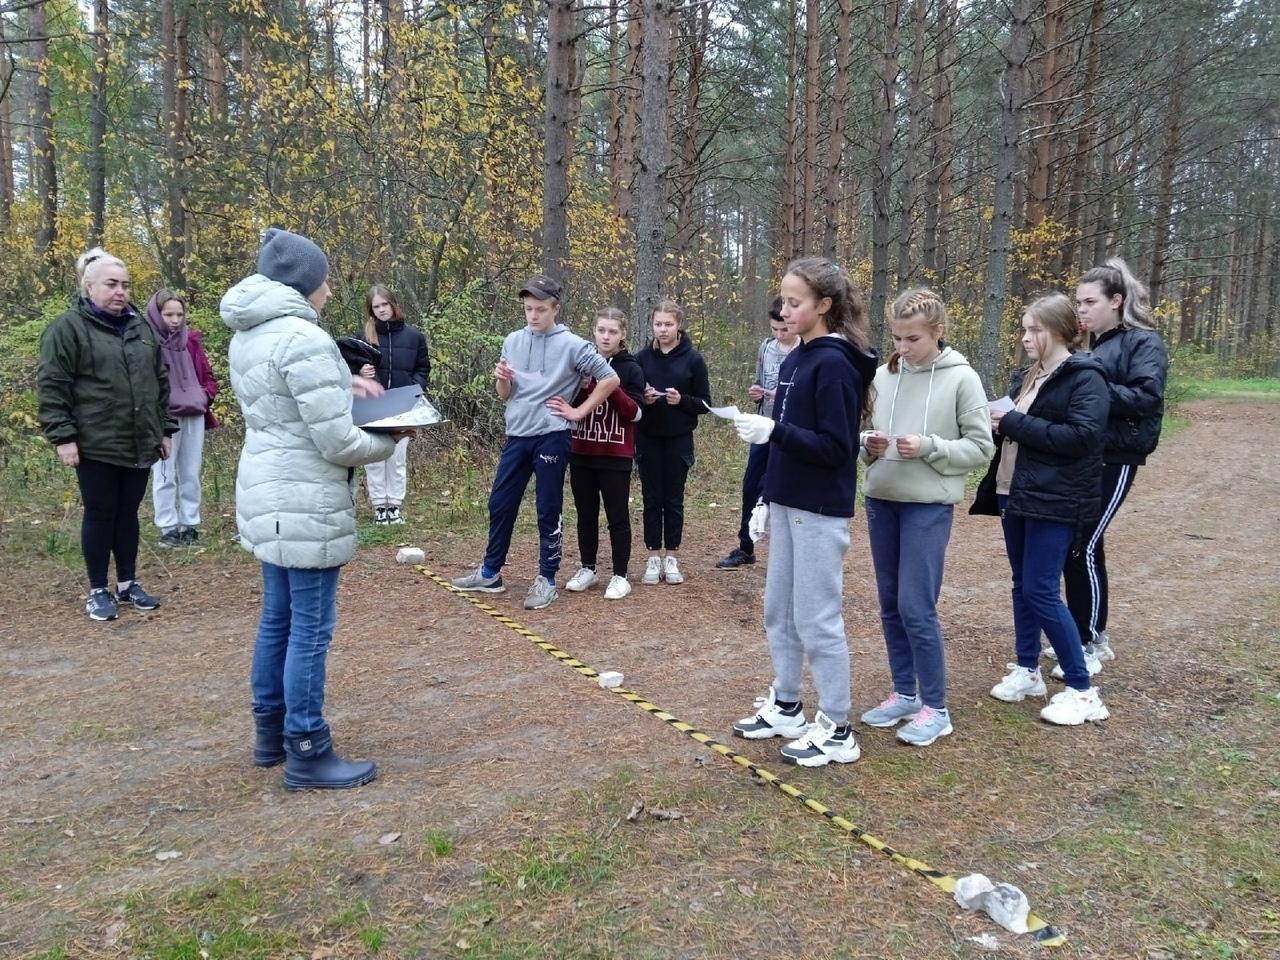 Светлана Леонидовна — старшая вожатая, она организует различные мероприятия